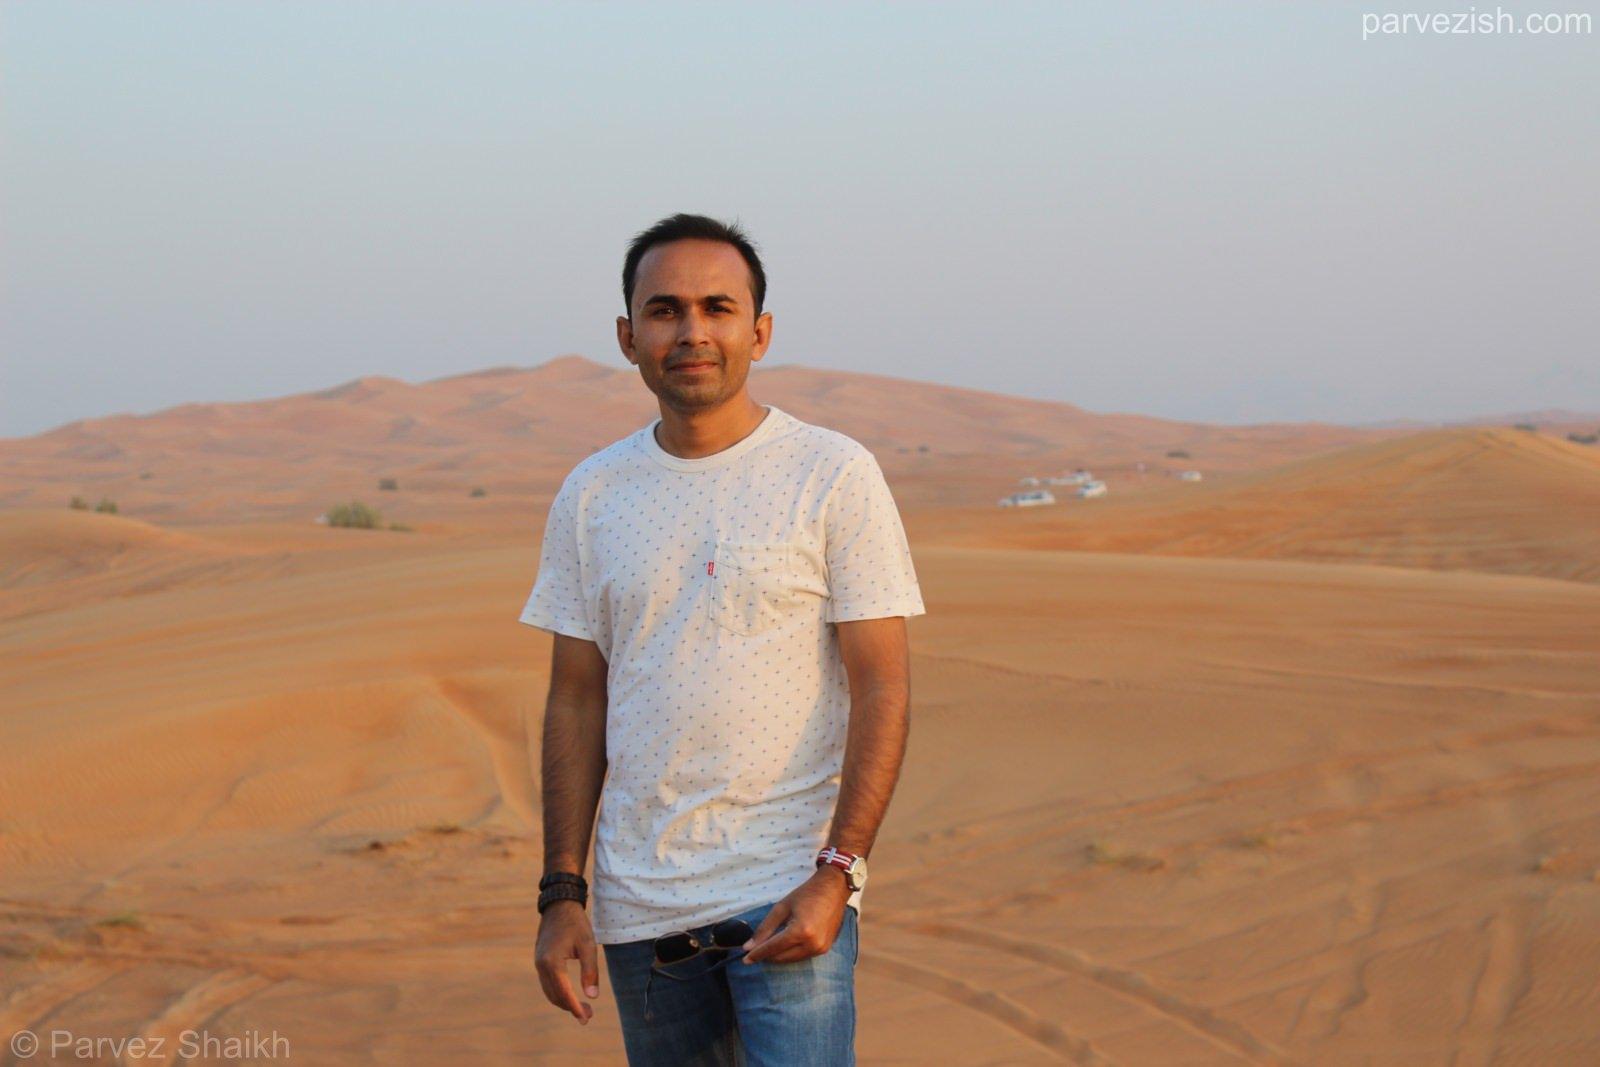 Parvezish in Dubai Desert